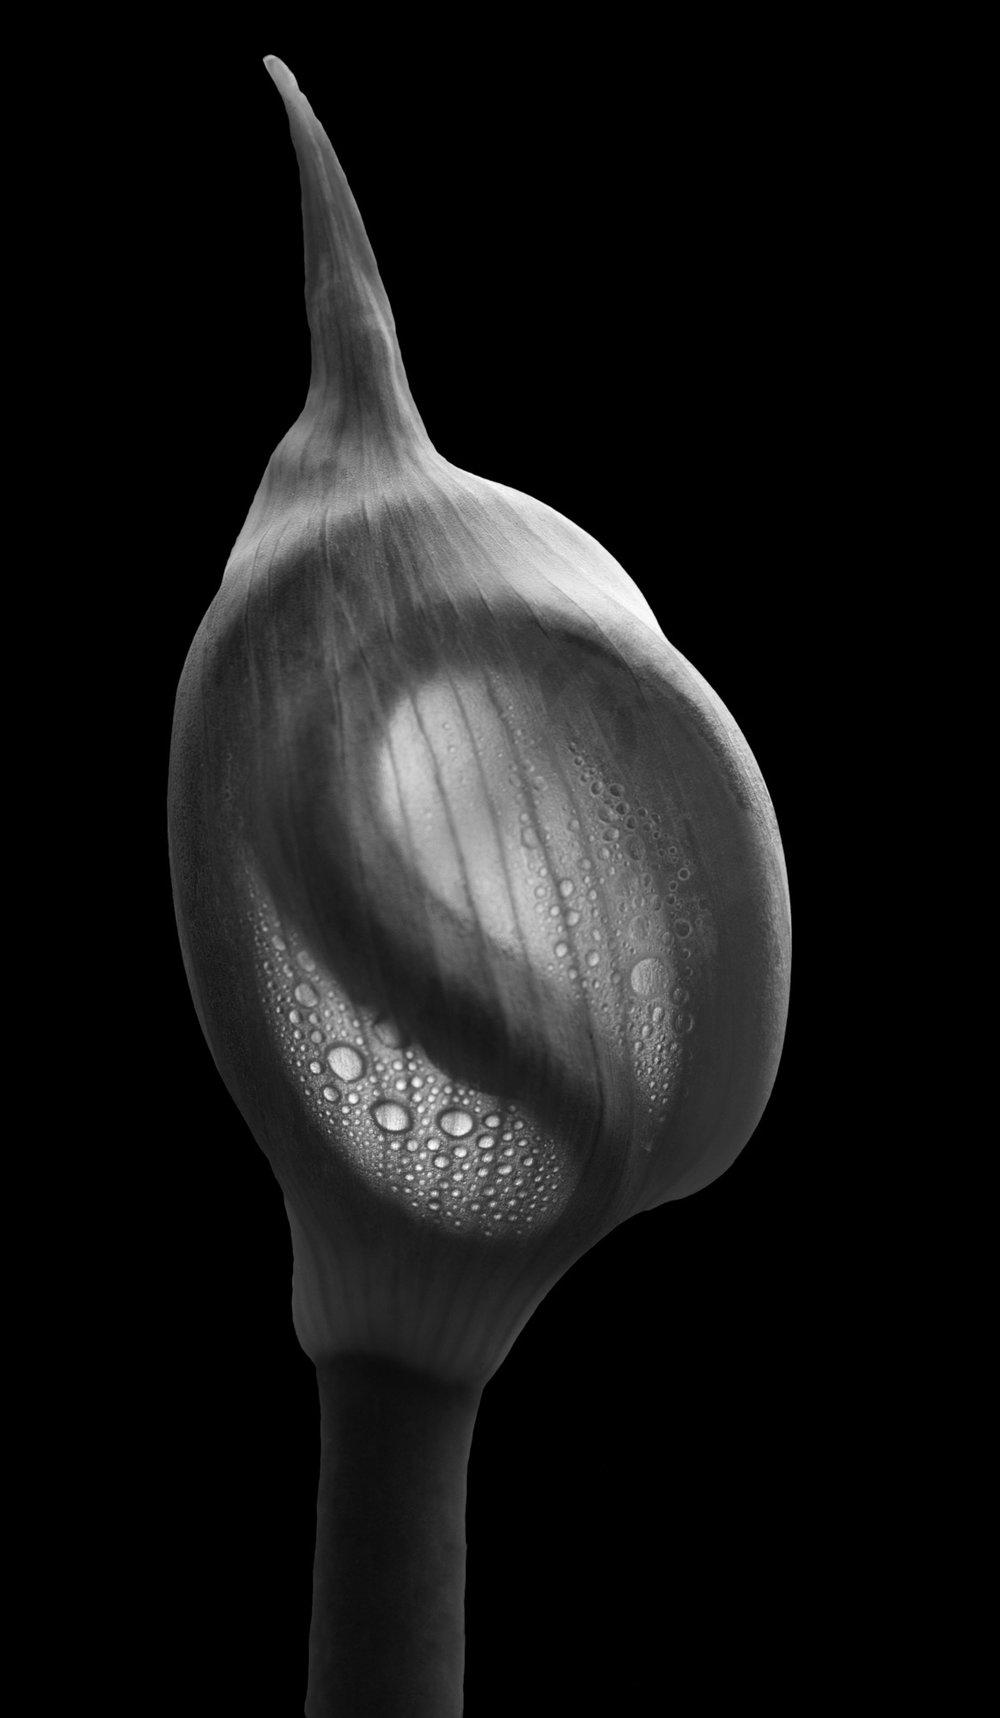 dewy onion fetus.jpg